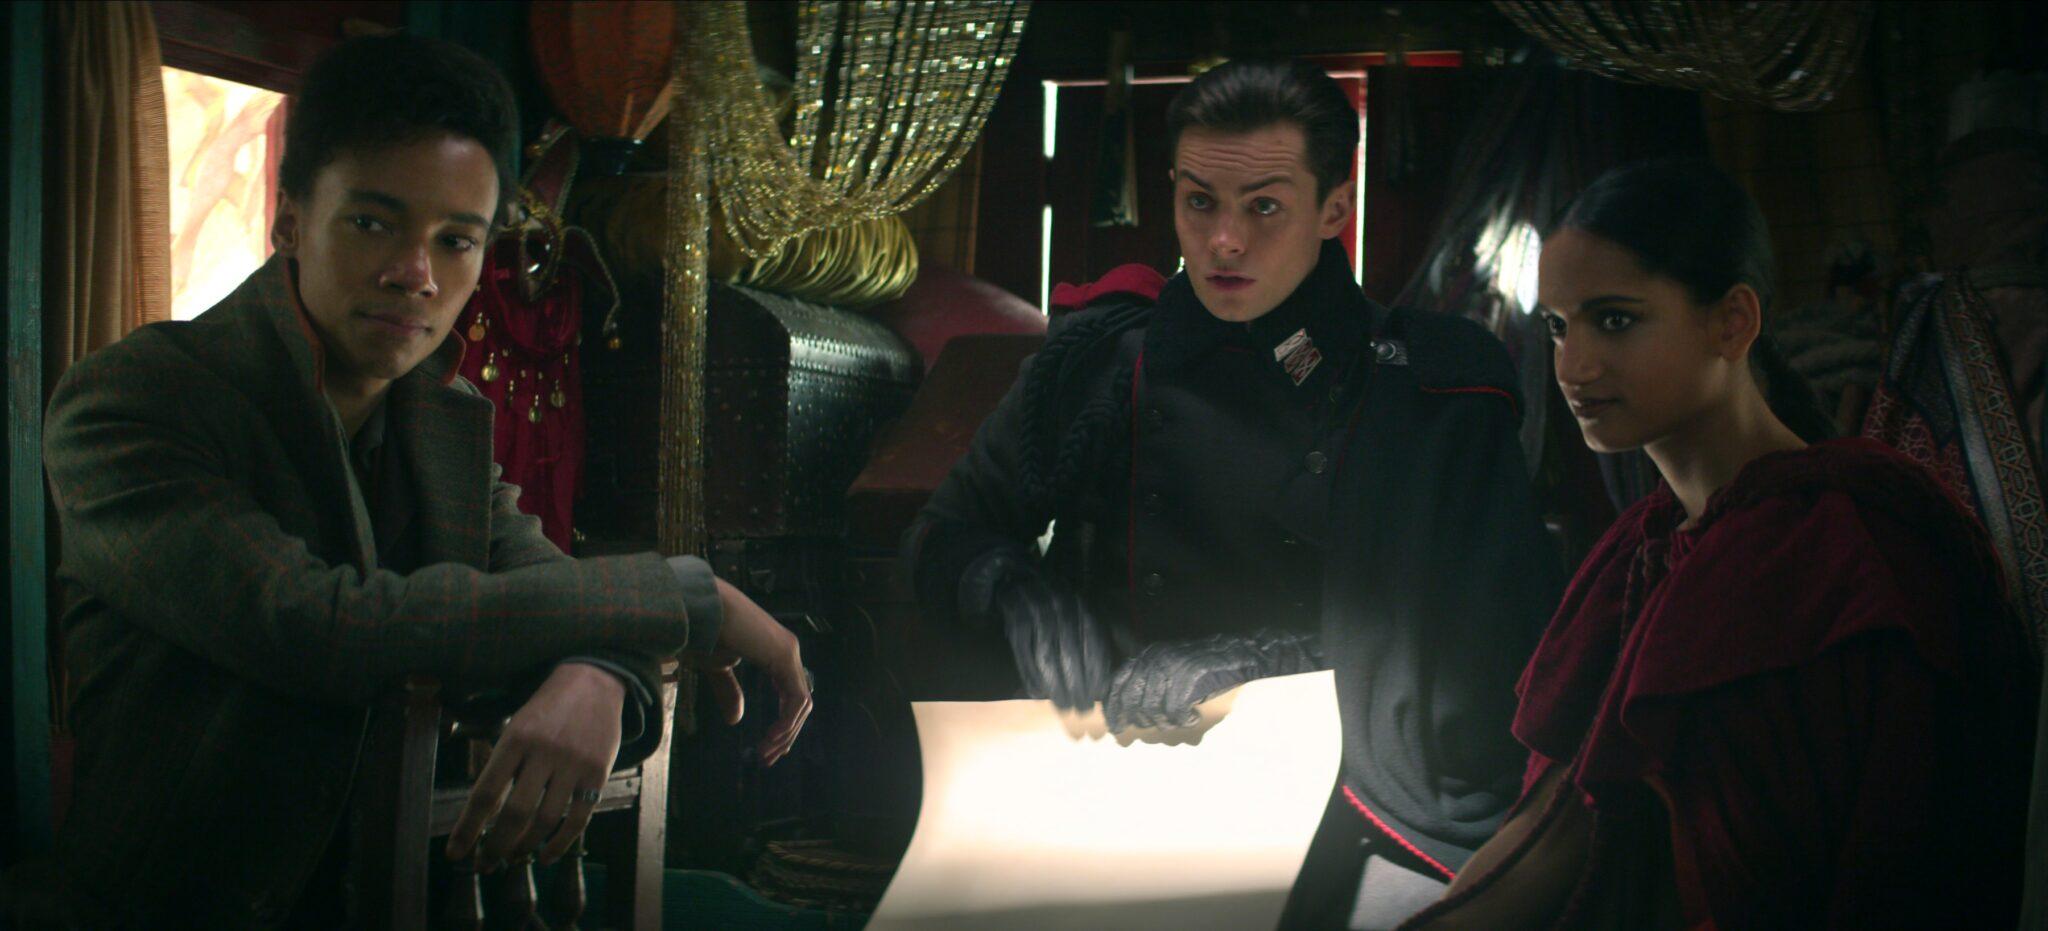 Jesper, Kaz und Inej (von links nach rechts) sitzen in einer Kutsche. Alle tragen dunkle Kleidung und schauen eher ernst und besorgt drein. In der Mitte hält Kaz in seinen Händen einen Bogen Papier.